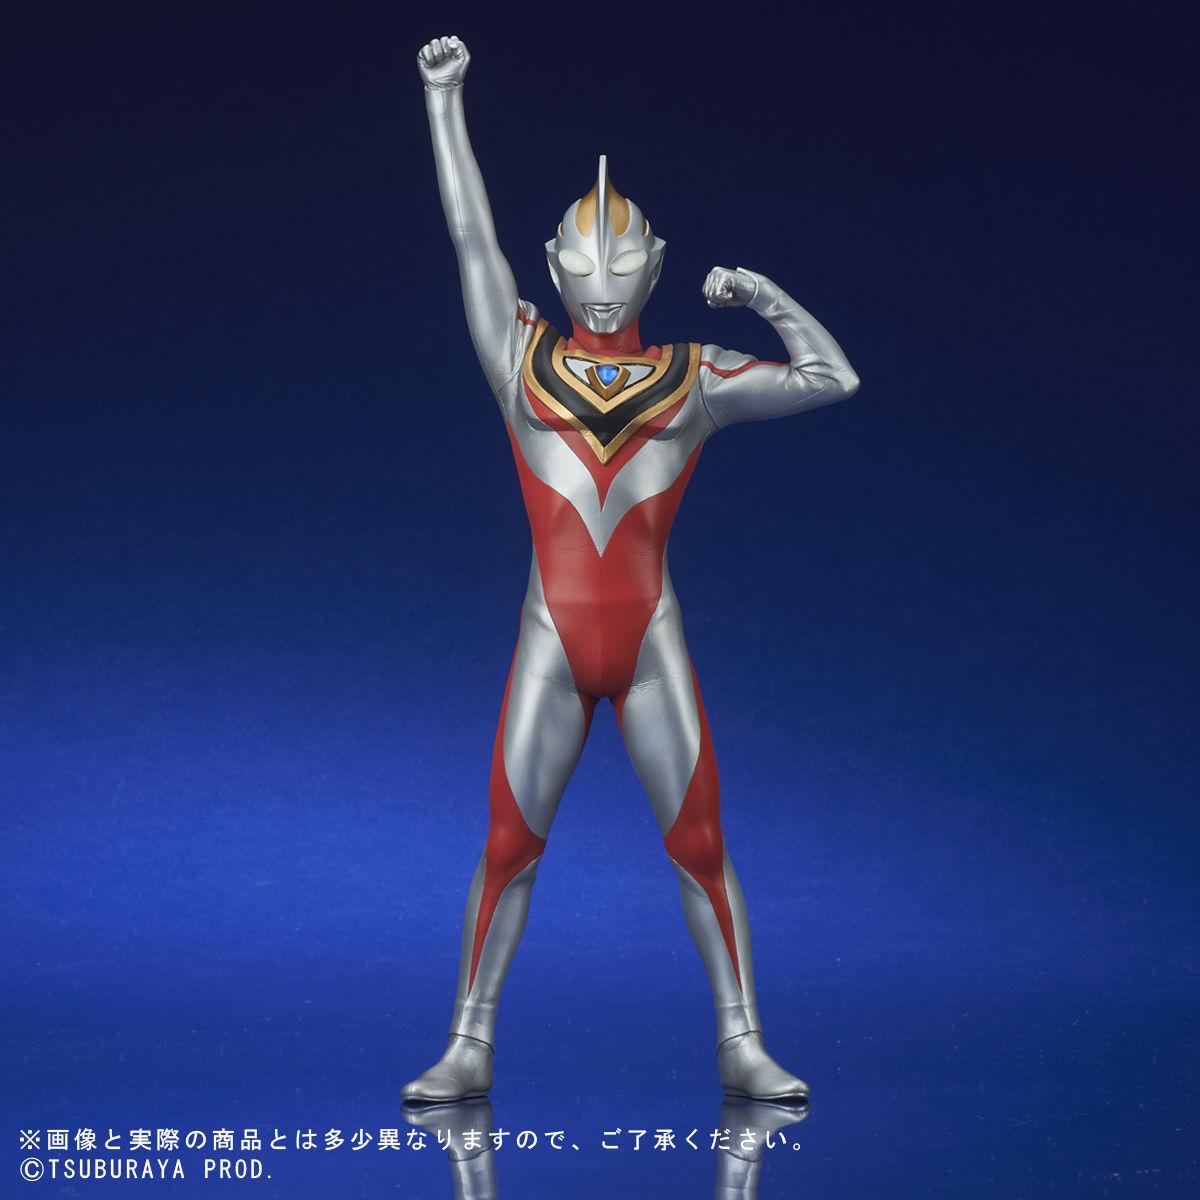 大怪獣シリーズ ULTRA NEW GENERATION『ウルトラマンガイア(V2)登場ポーズ』完成品フィギュア-002